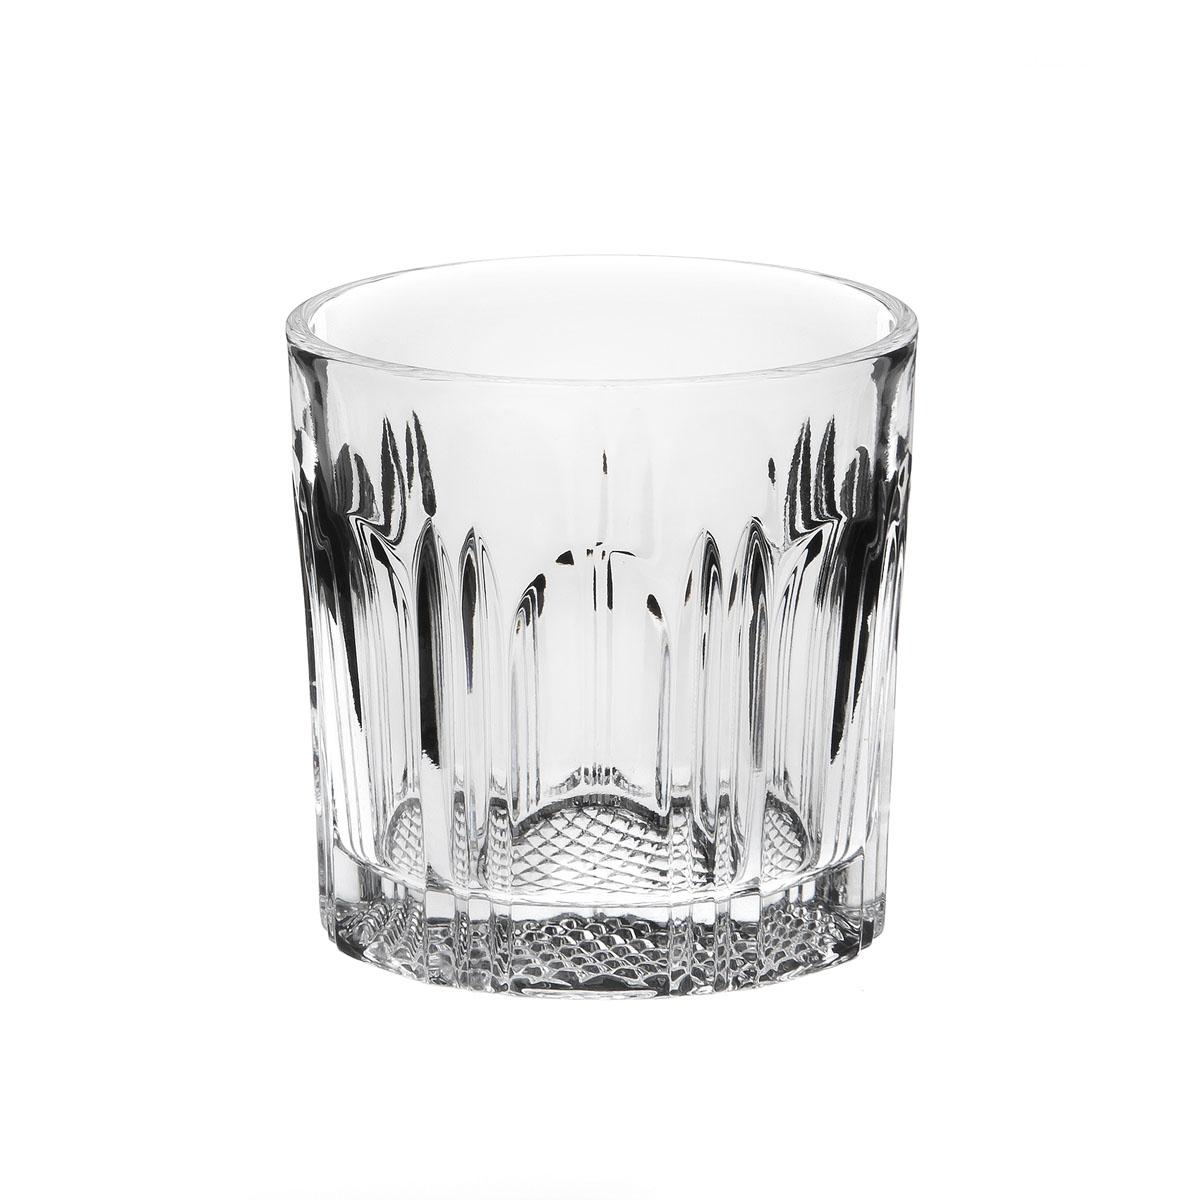 Cтакан Дятьковский хрусталь Пилястра, 190 мл. С878/3С878/3Хрустальные стаканы – красивое и простое решение для украшения праздничного стола. Стаканы из хрусталя универсальны, они подойдут и для алкогольных напитков – вина, шампанского, и для освежающих – минеральной воды, компота или сока. Если в вашей домашней коллекции еще нет предметов хрустальной посуды, купить хрустальные стаканы стоит обязательно.